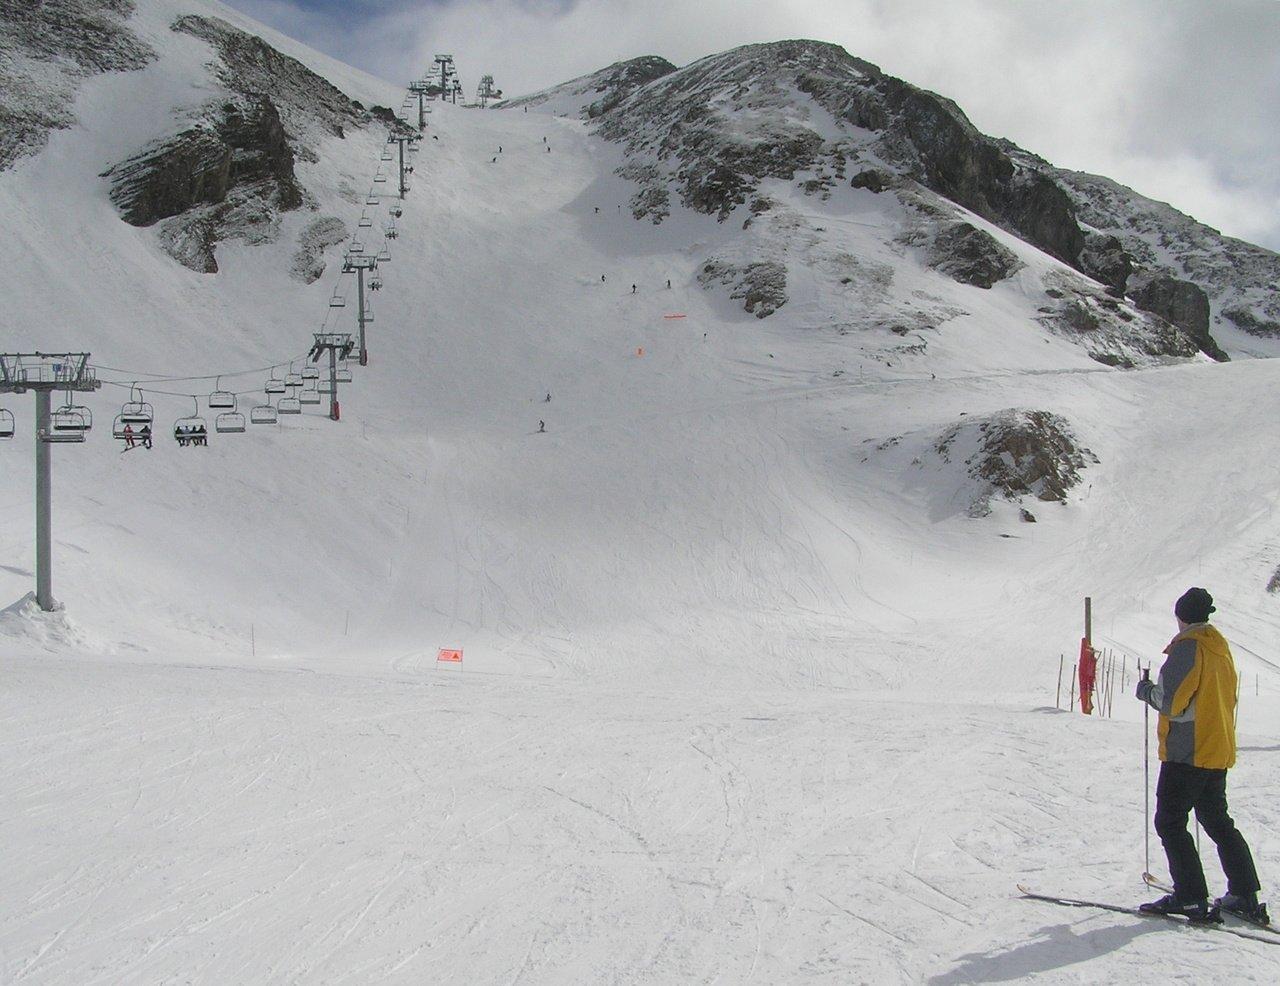 Pistas míticas - Diable (Les 2 Alps)